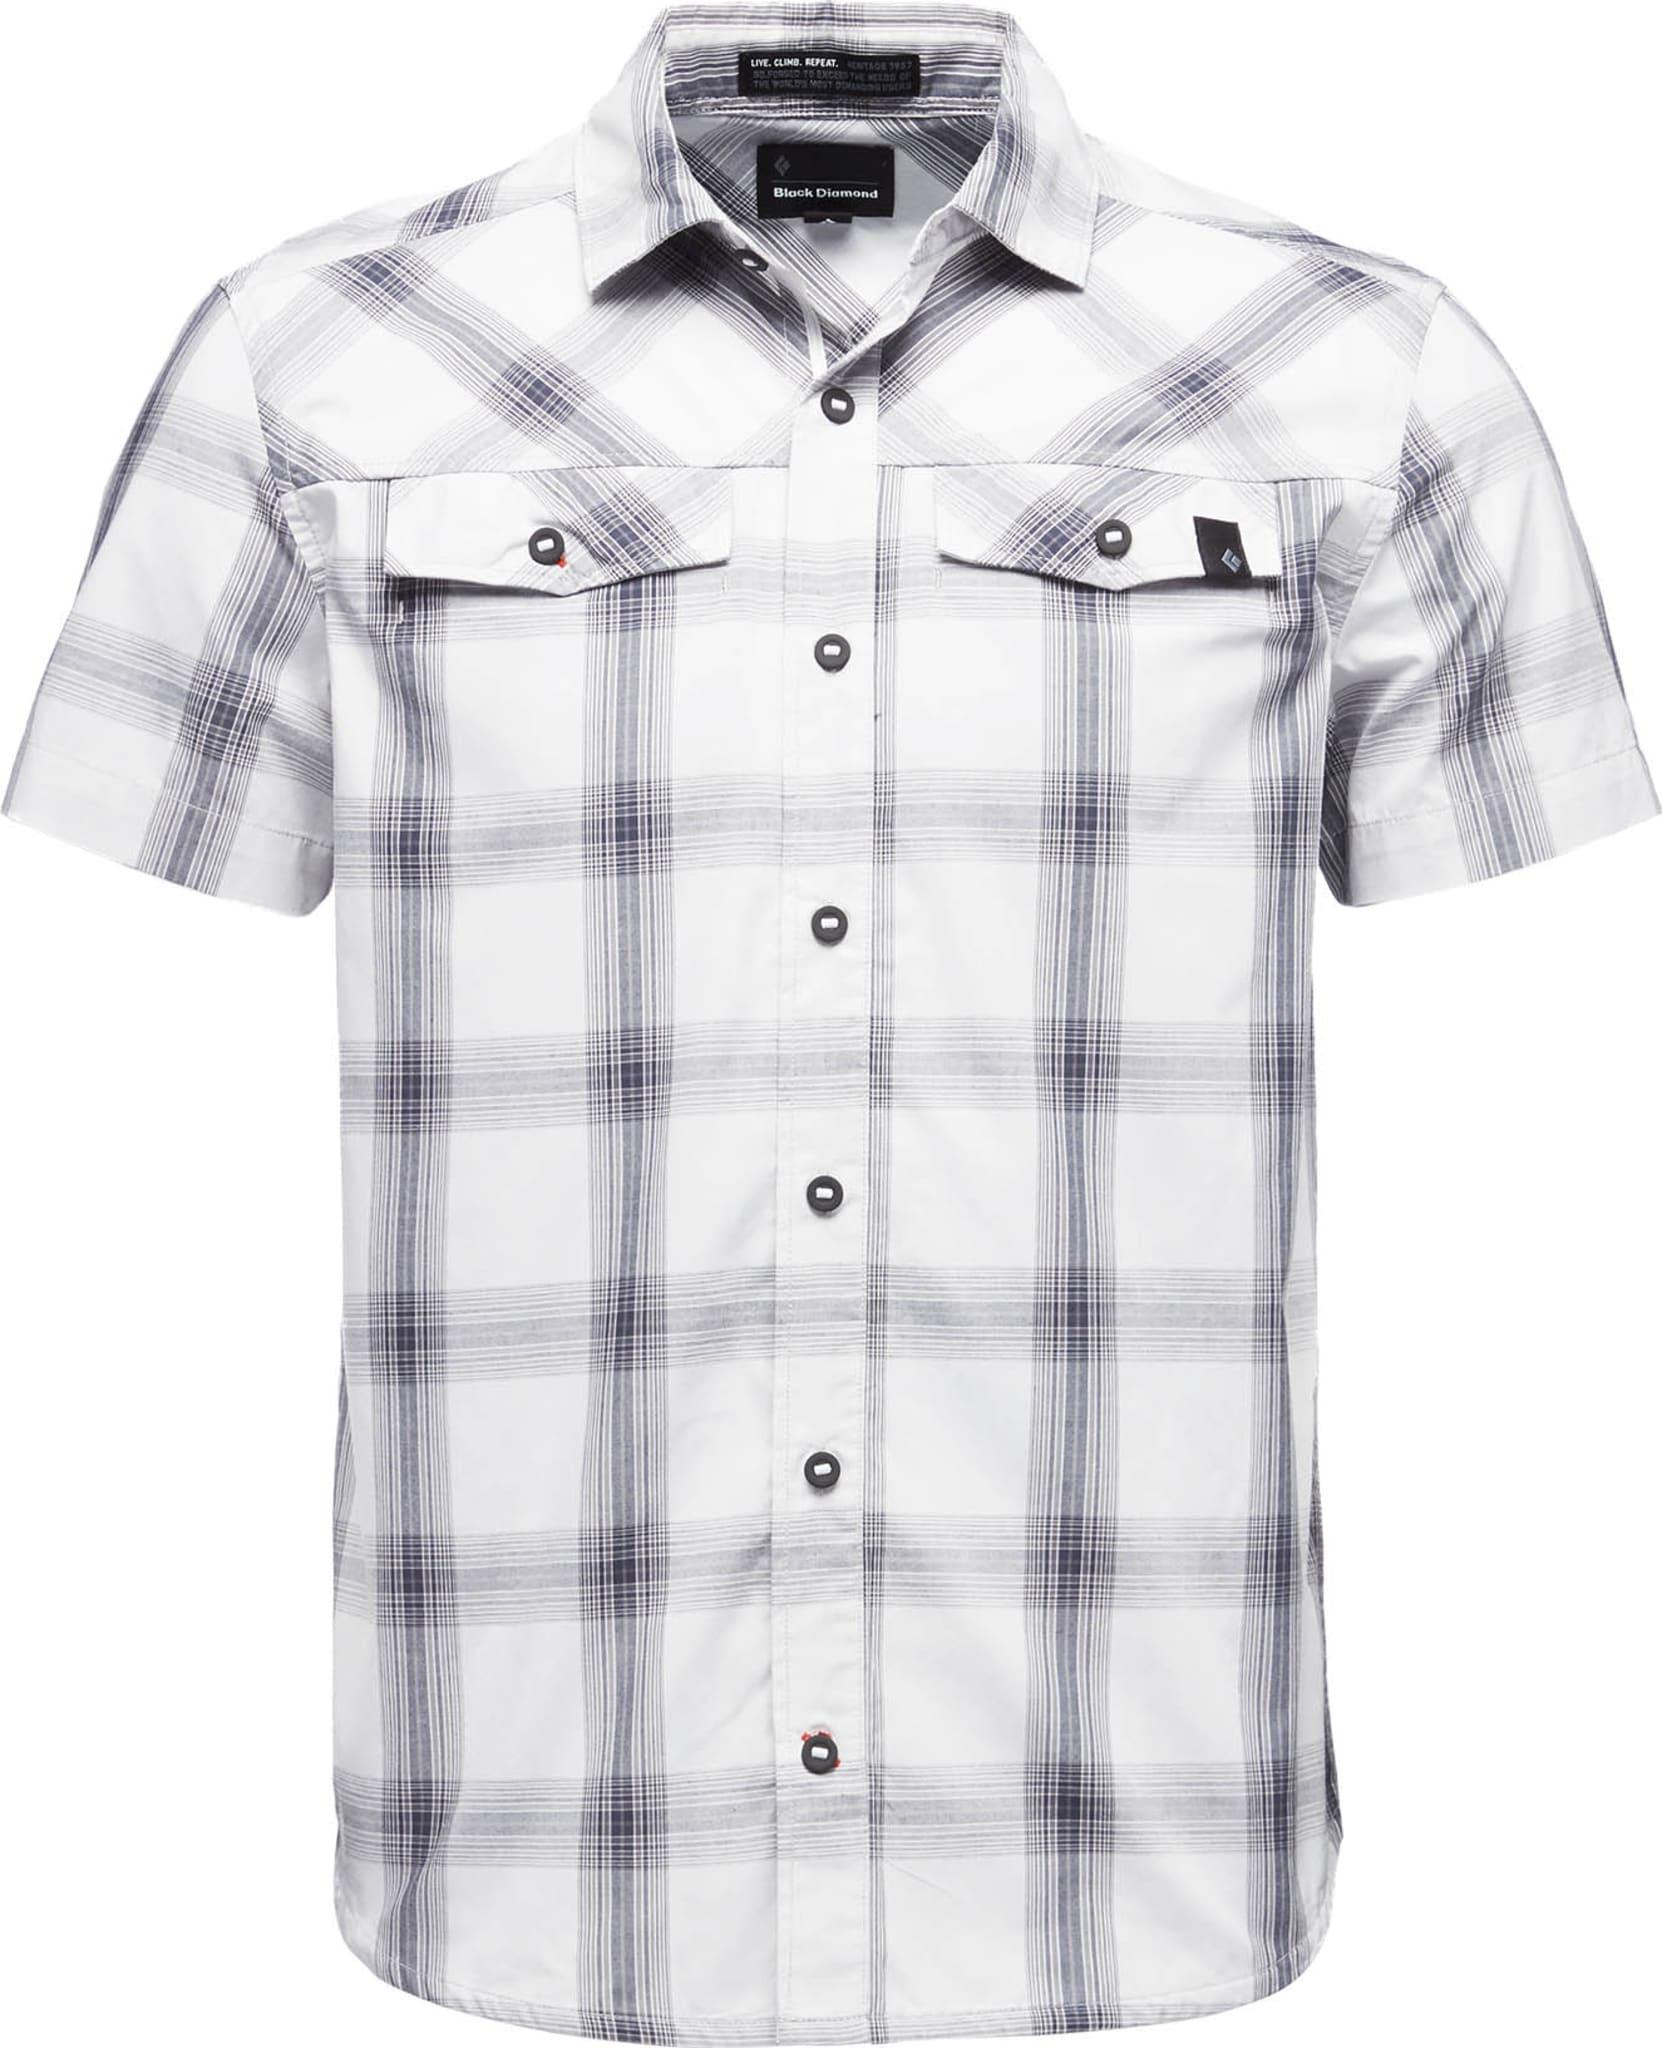 Stilig kortermet skjorte i organisk bomull.